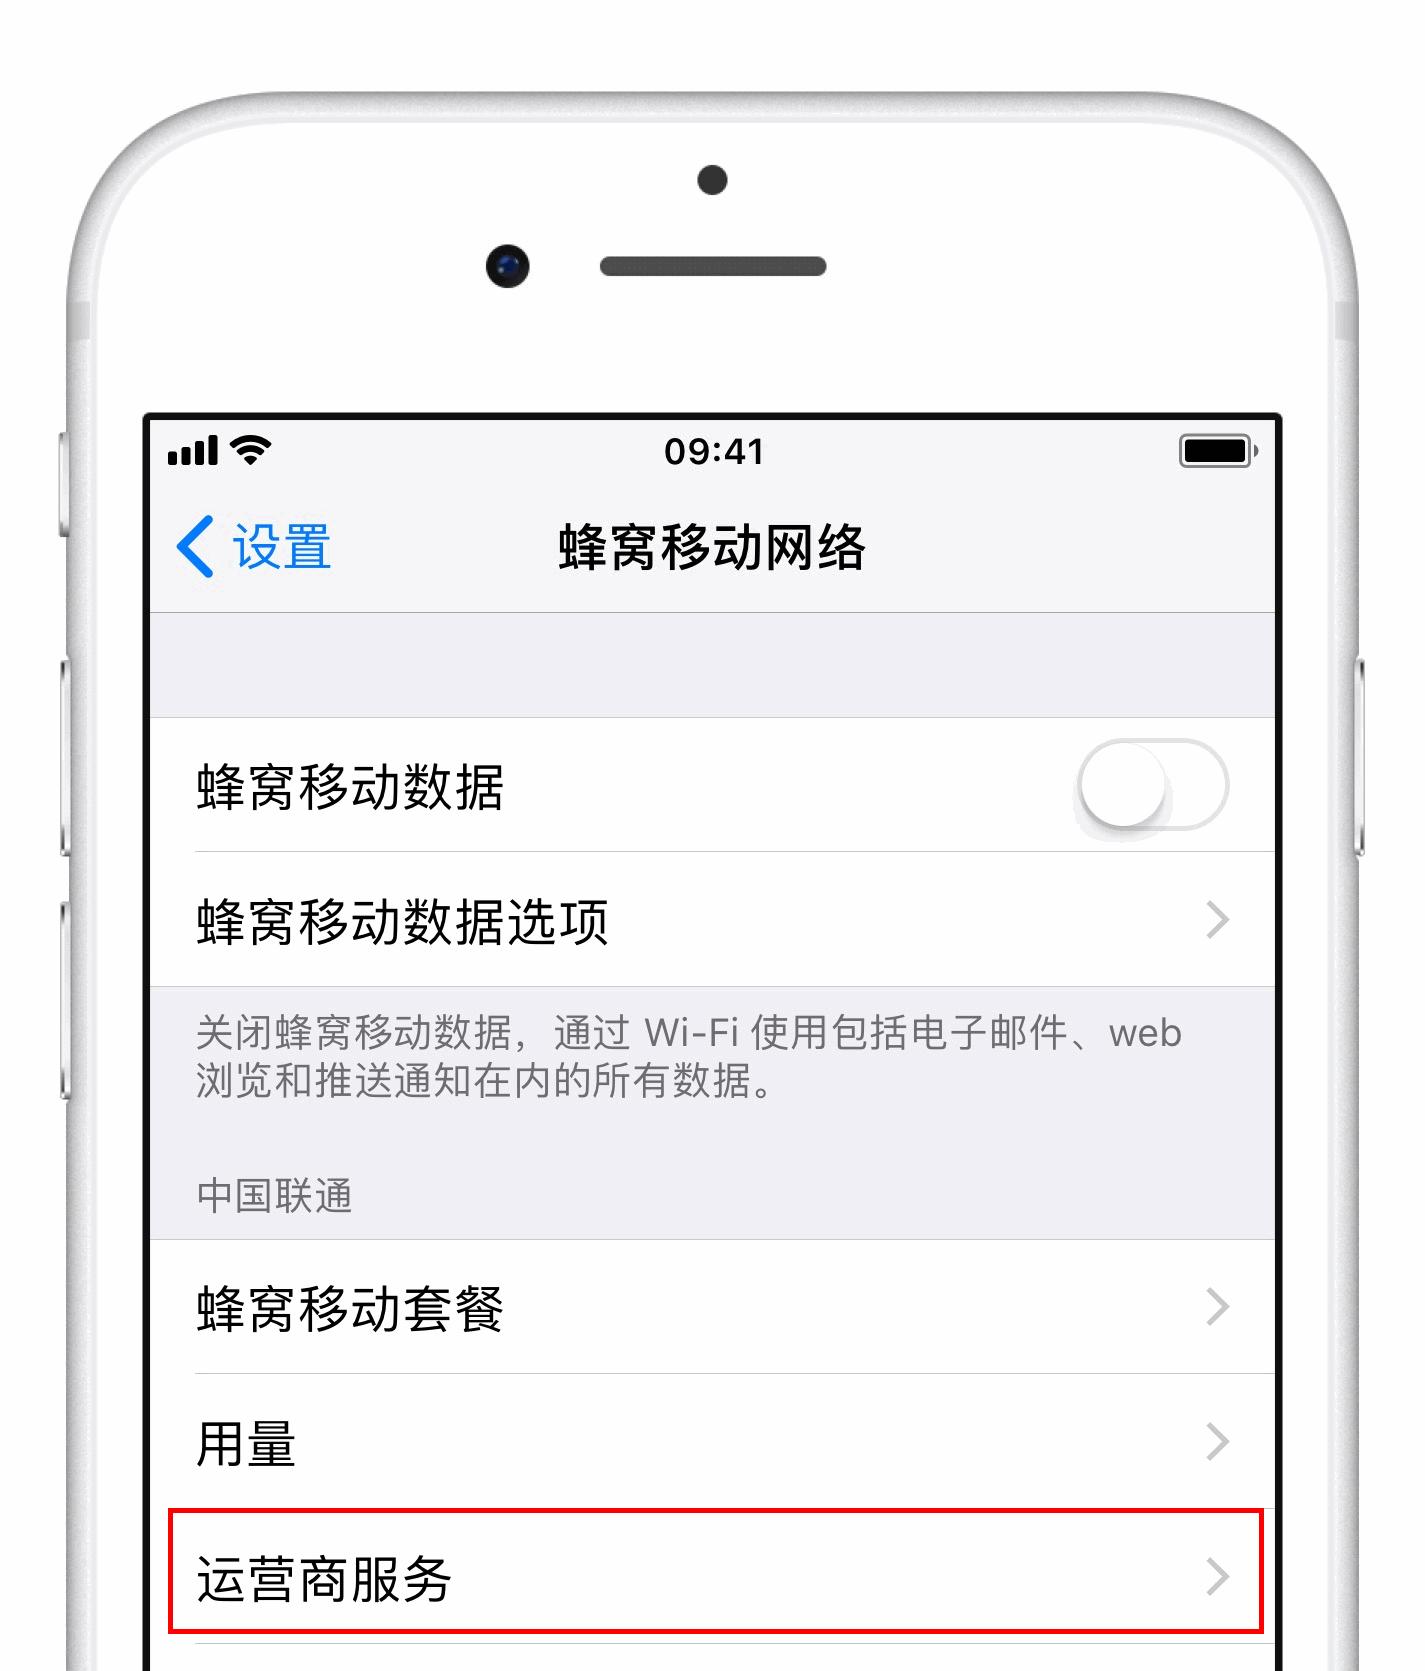 不装运营商 App 照样可以查套餐